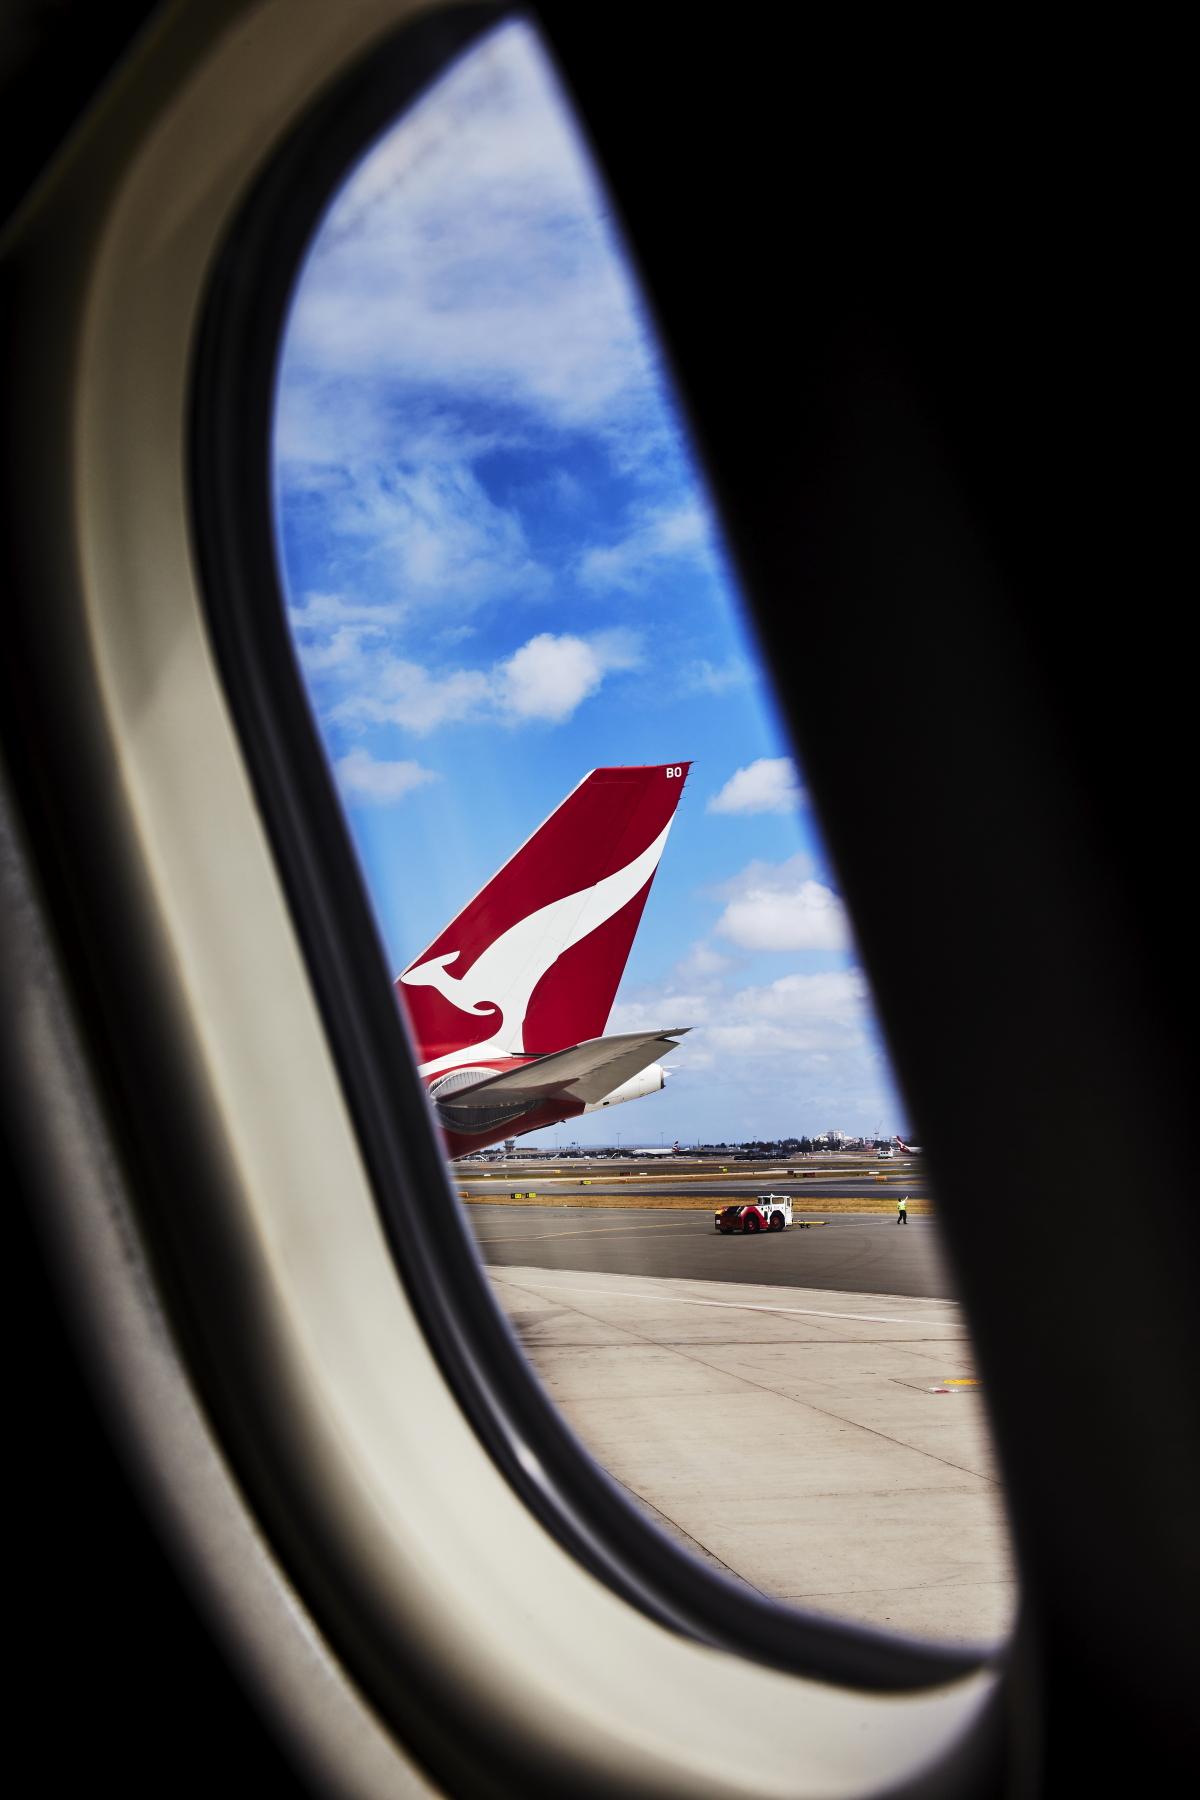 Melbourne > Sydney QF432